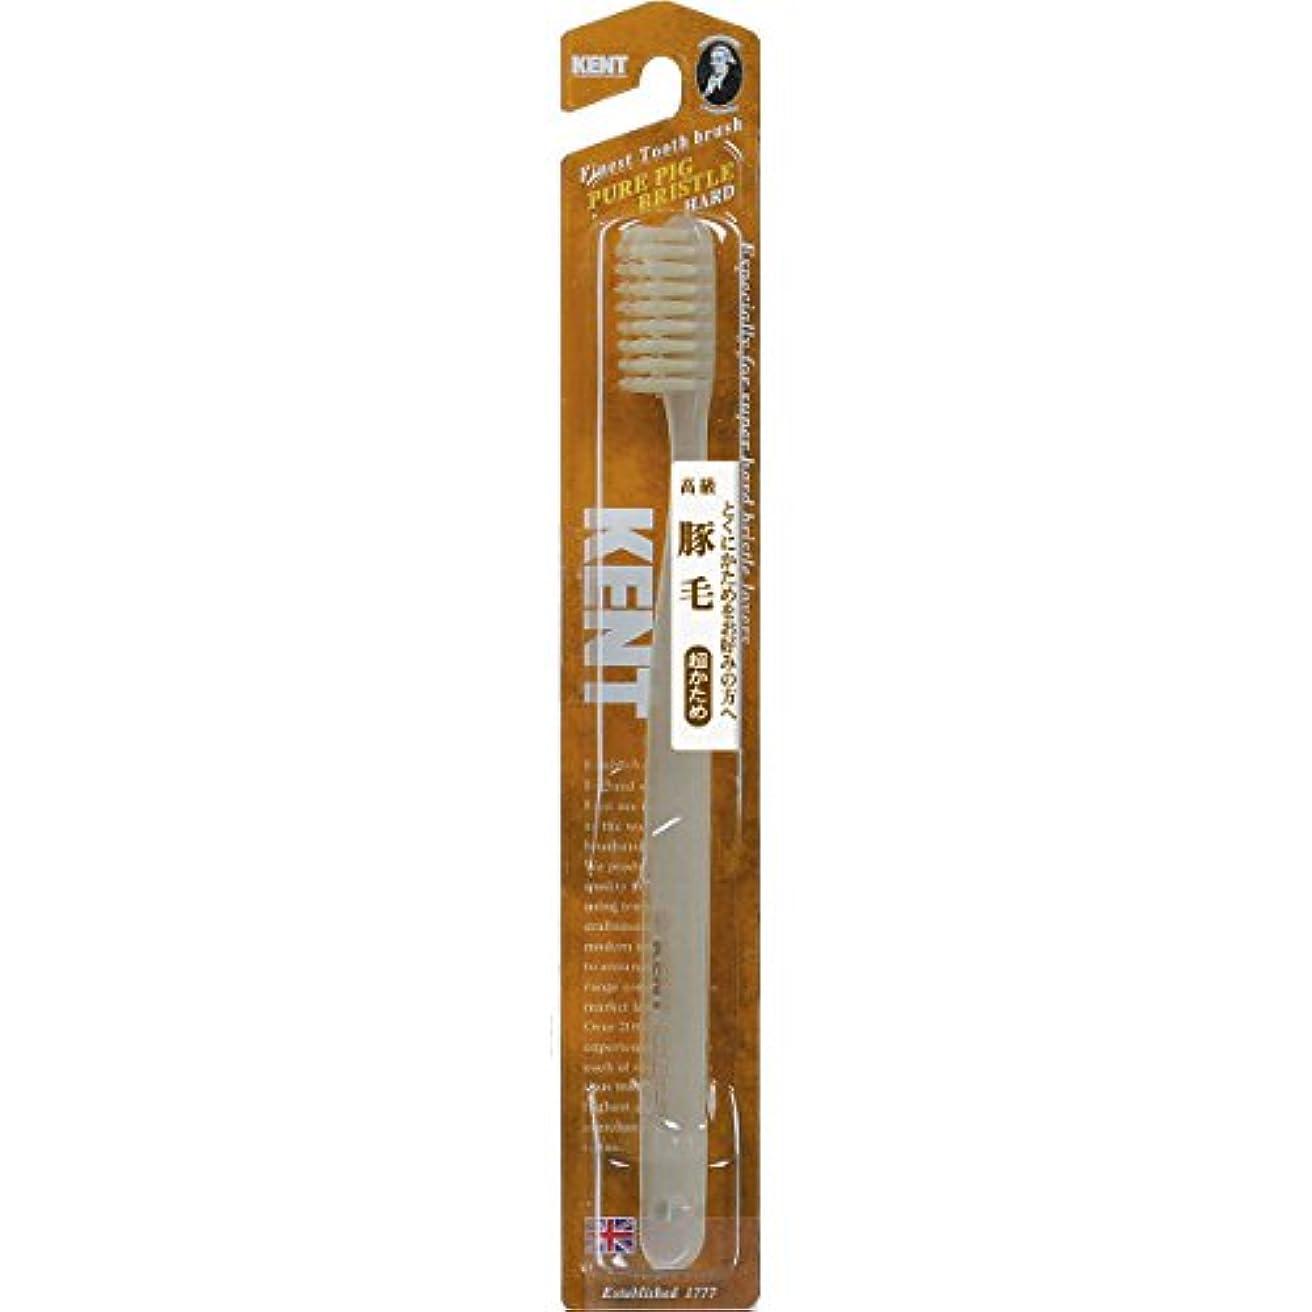 毒性大理石クッションKENT 豚毛歯ブラシ ラージヘッド 超かため KNT-2433 ×3個セット